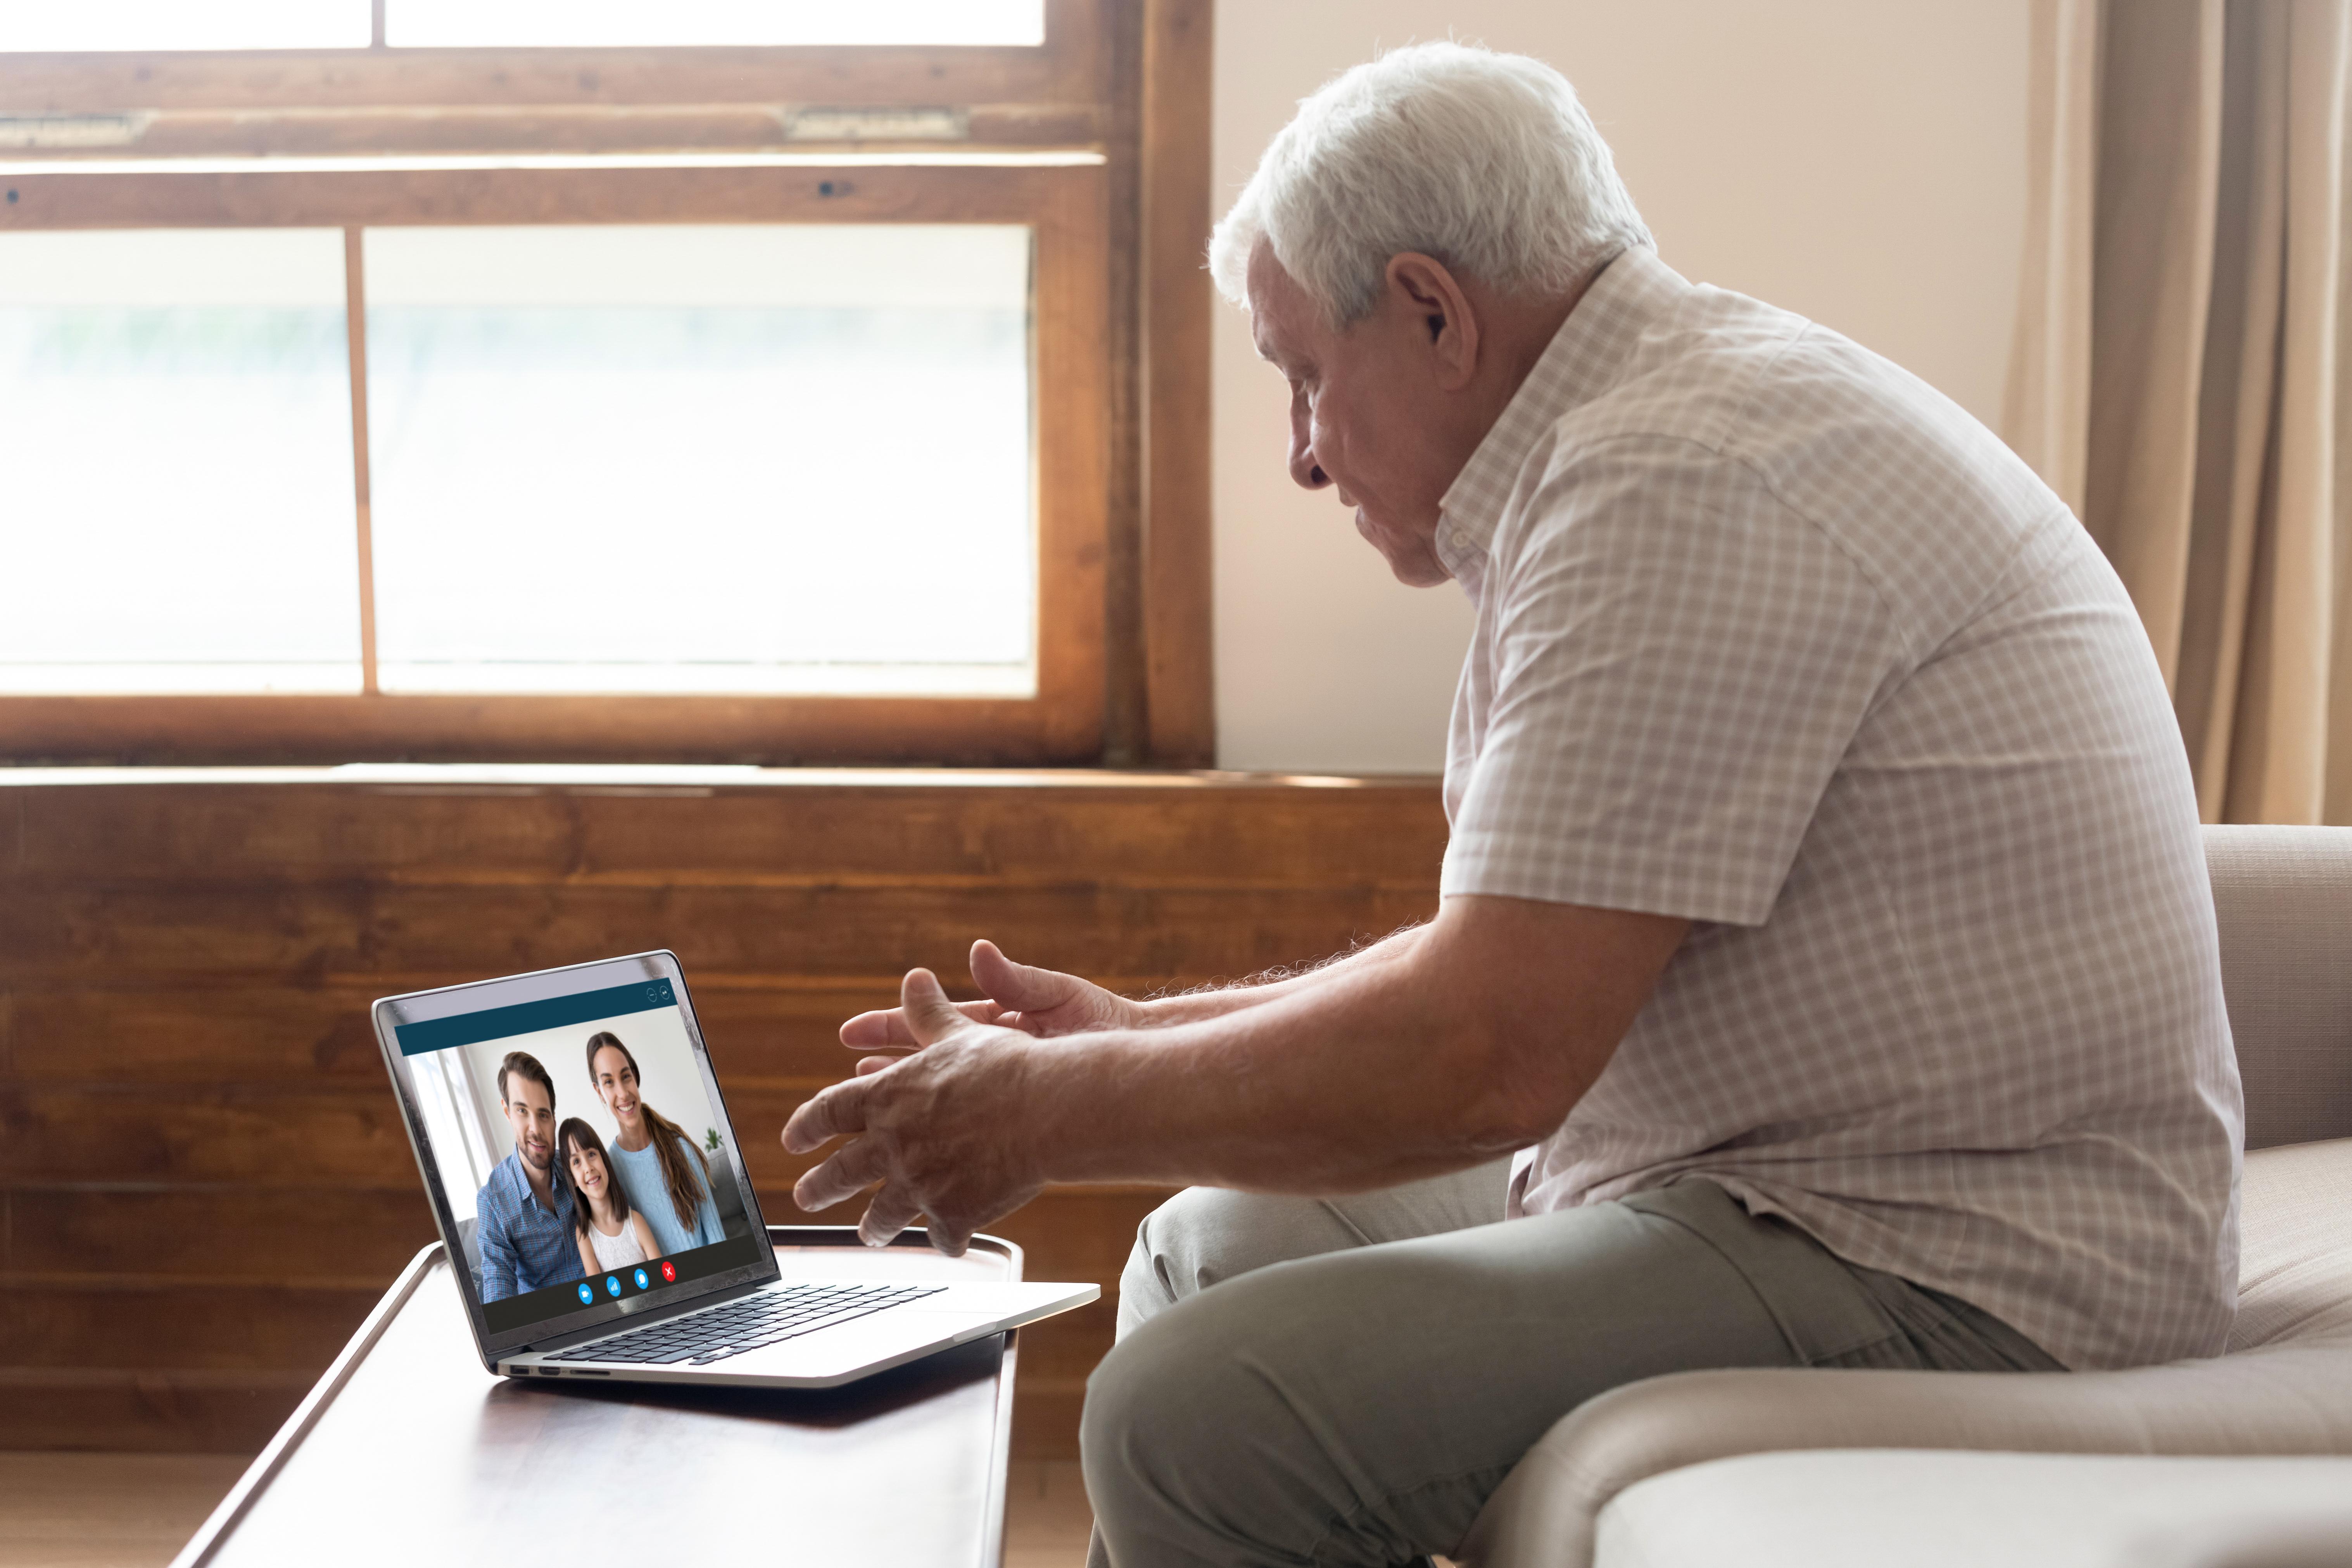 Ta reda på möjligheten att genomföra videosamtal, många upplever att det är skönt och mer personligt att se varandra.